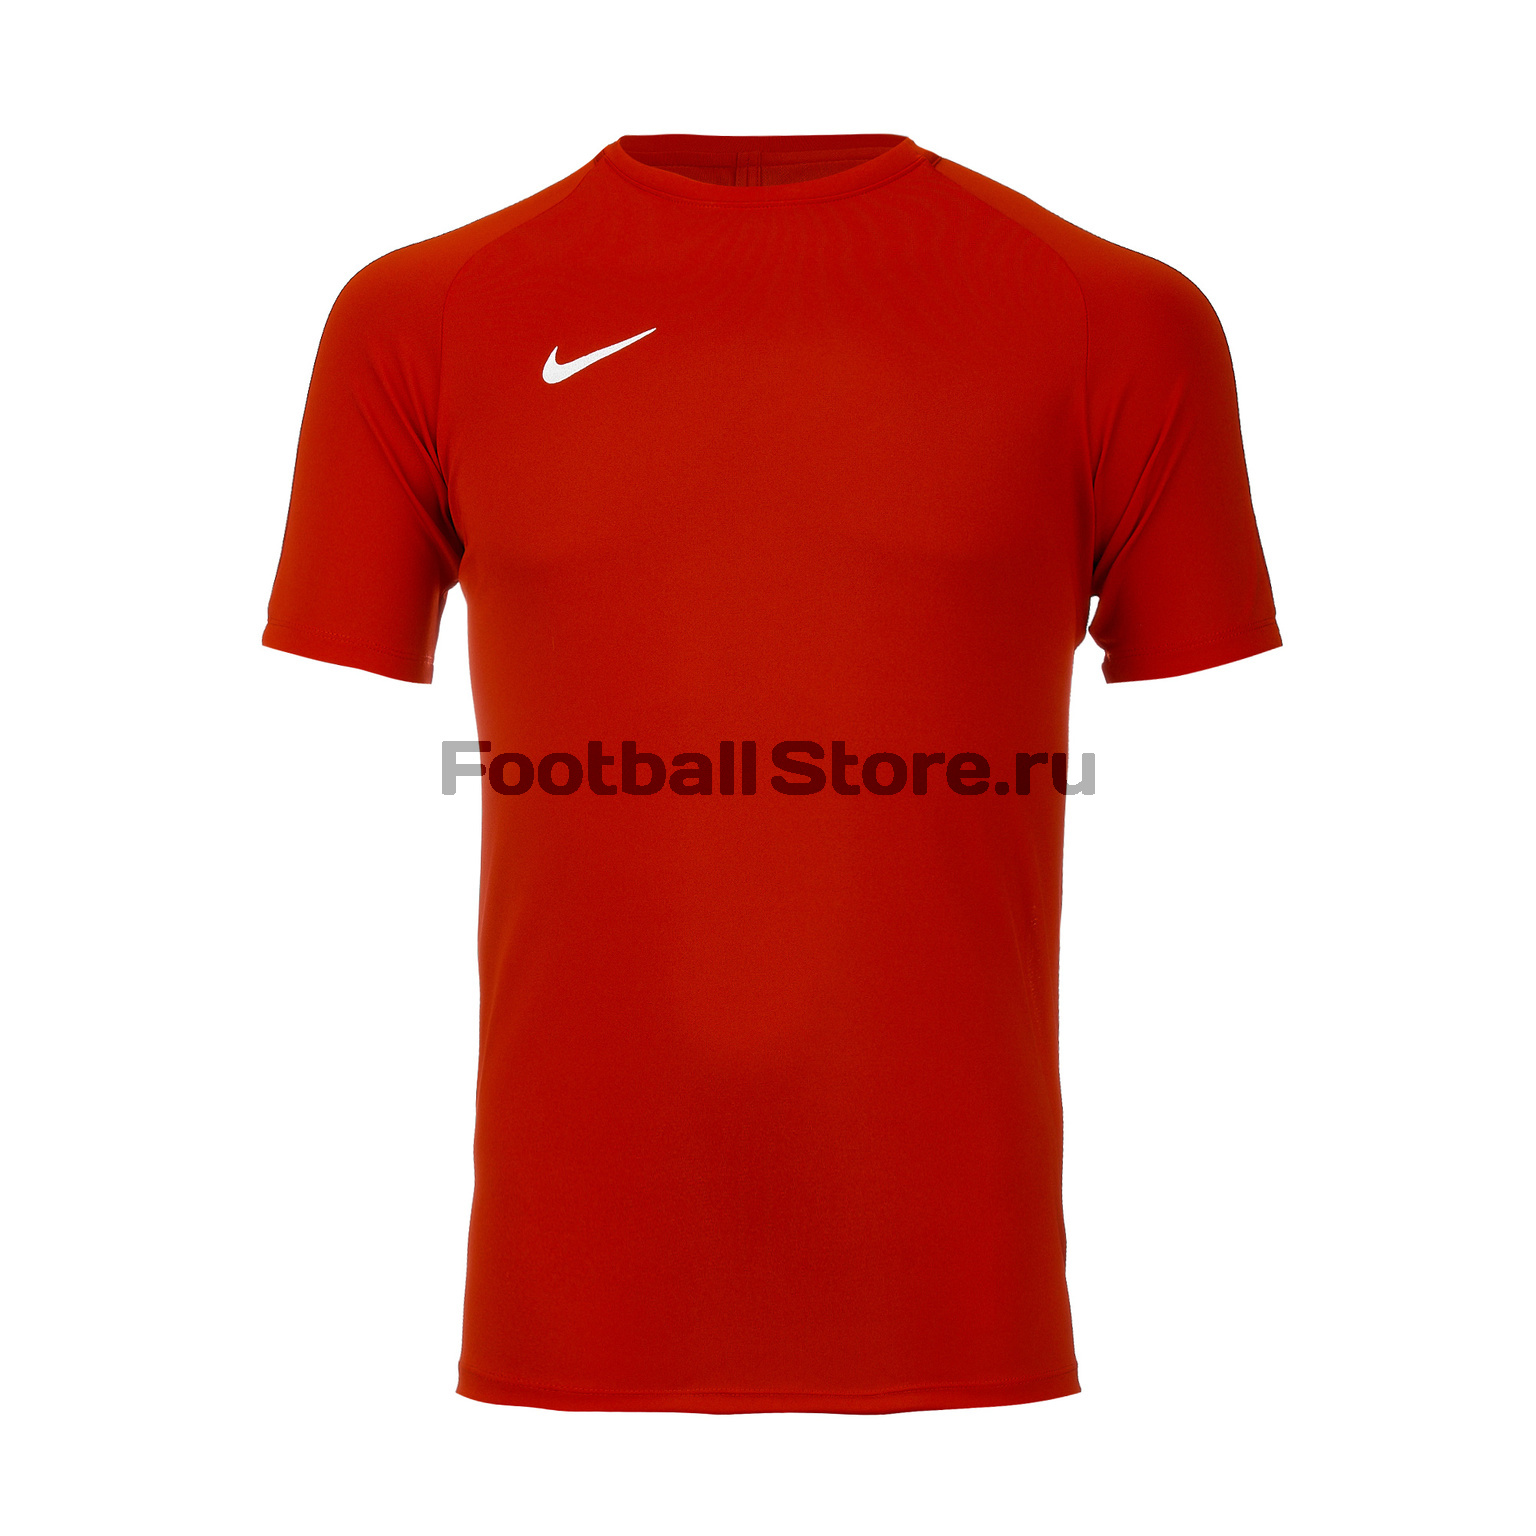 Футболка тренировочная подростковая Nike Academy18 893750-657 настольная игра дрофа медиа веришь или нет